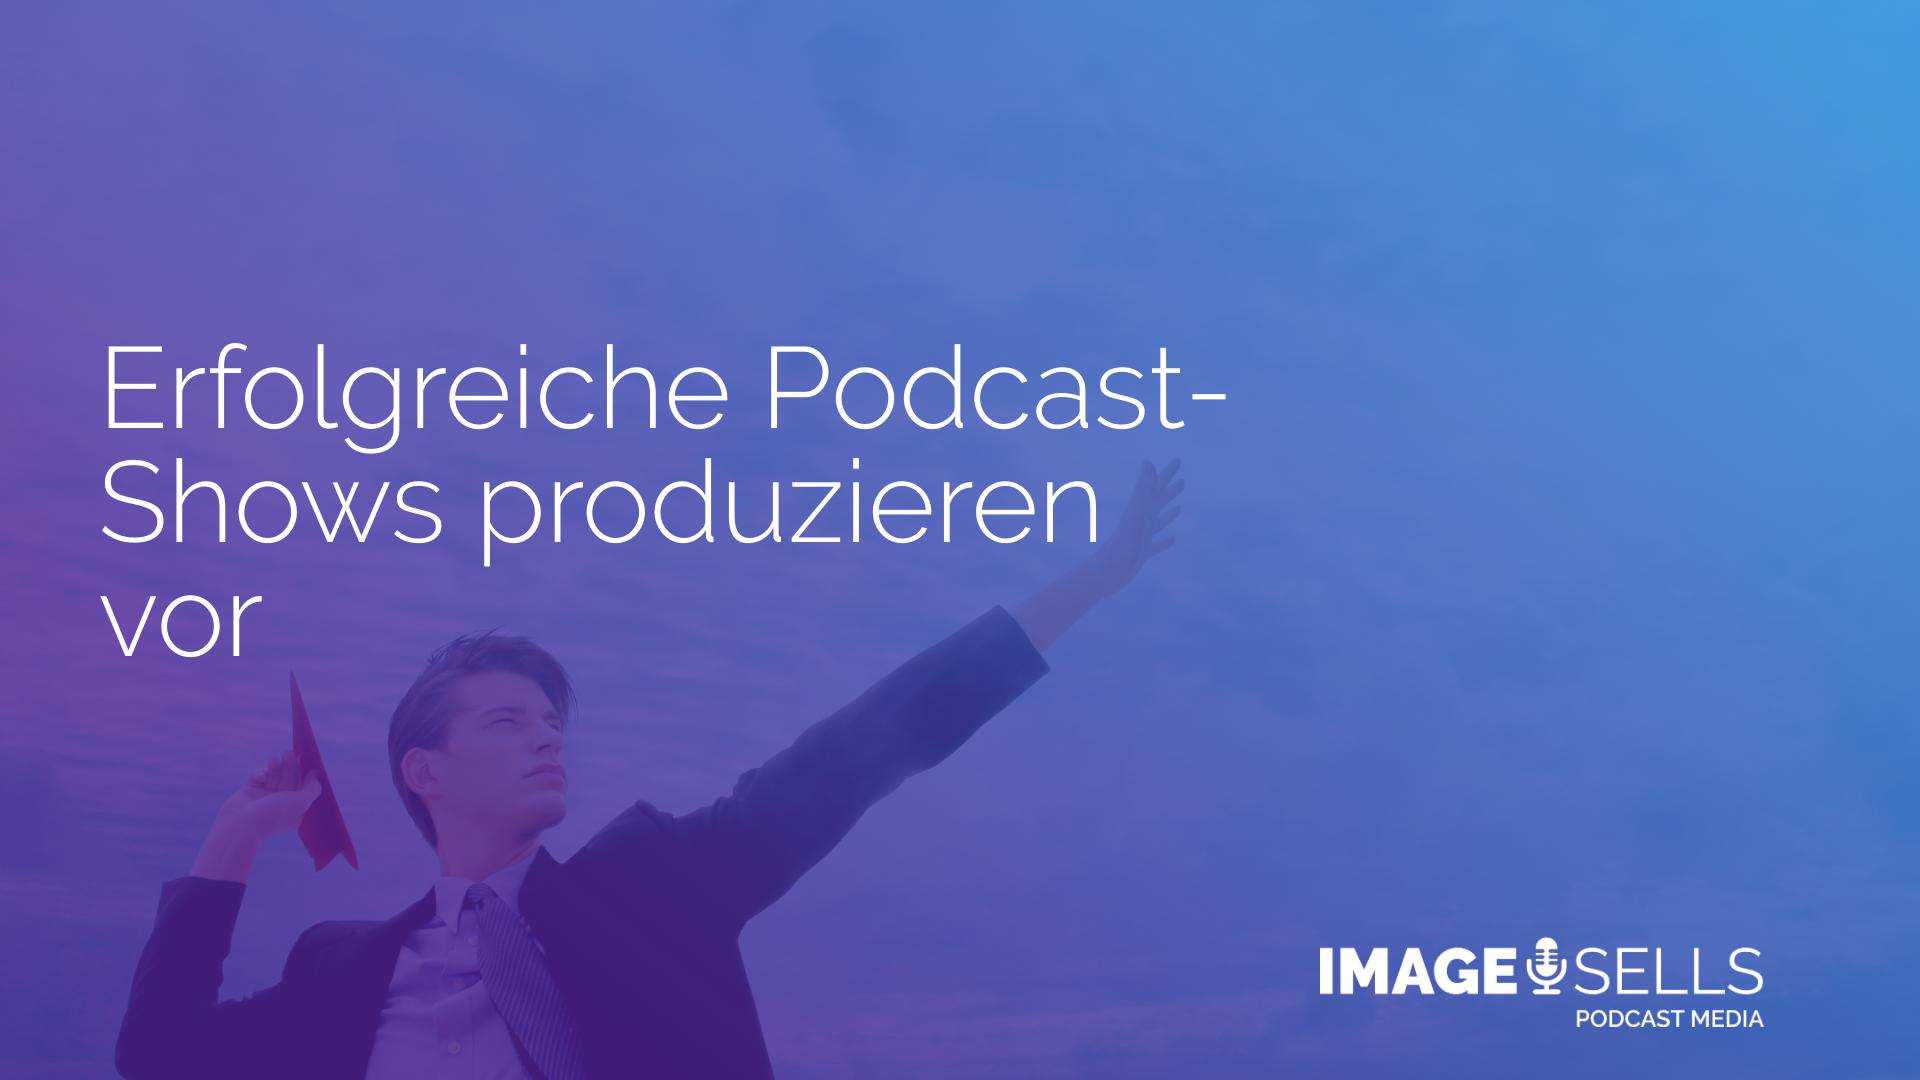 Erfolgreiche Podcast-Shows produzieren vor